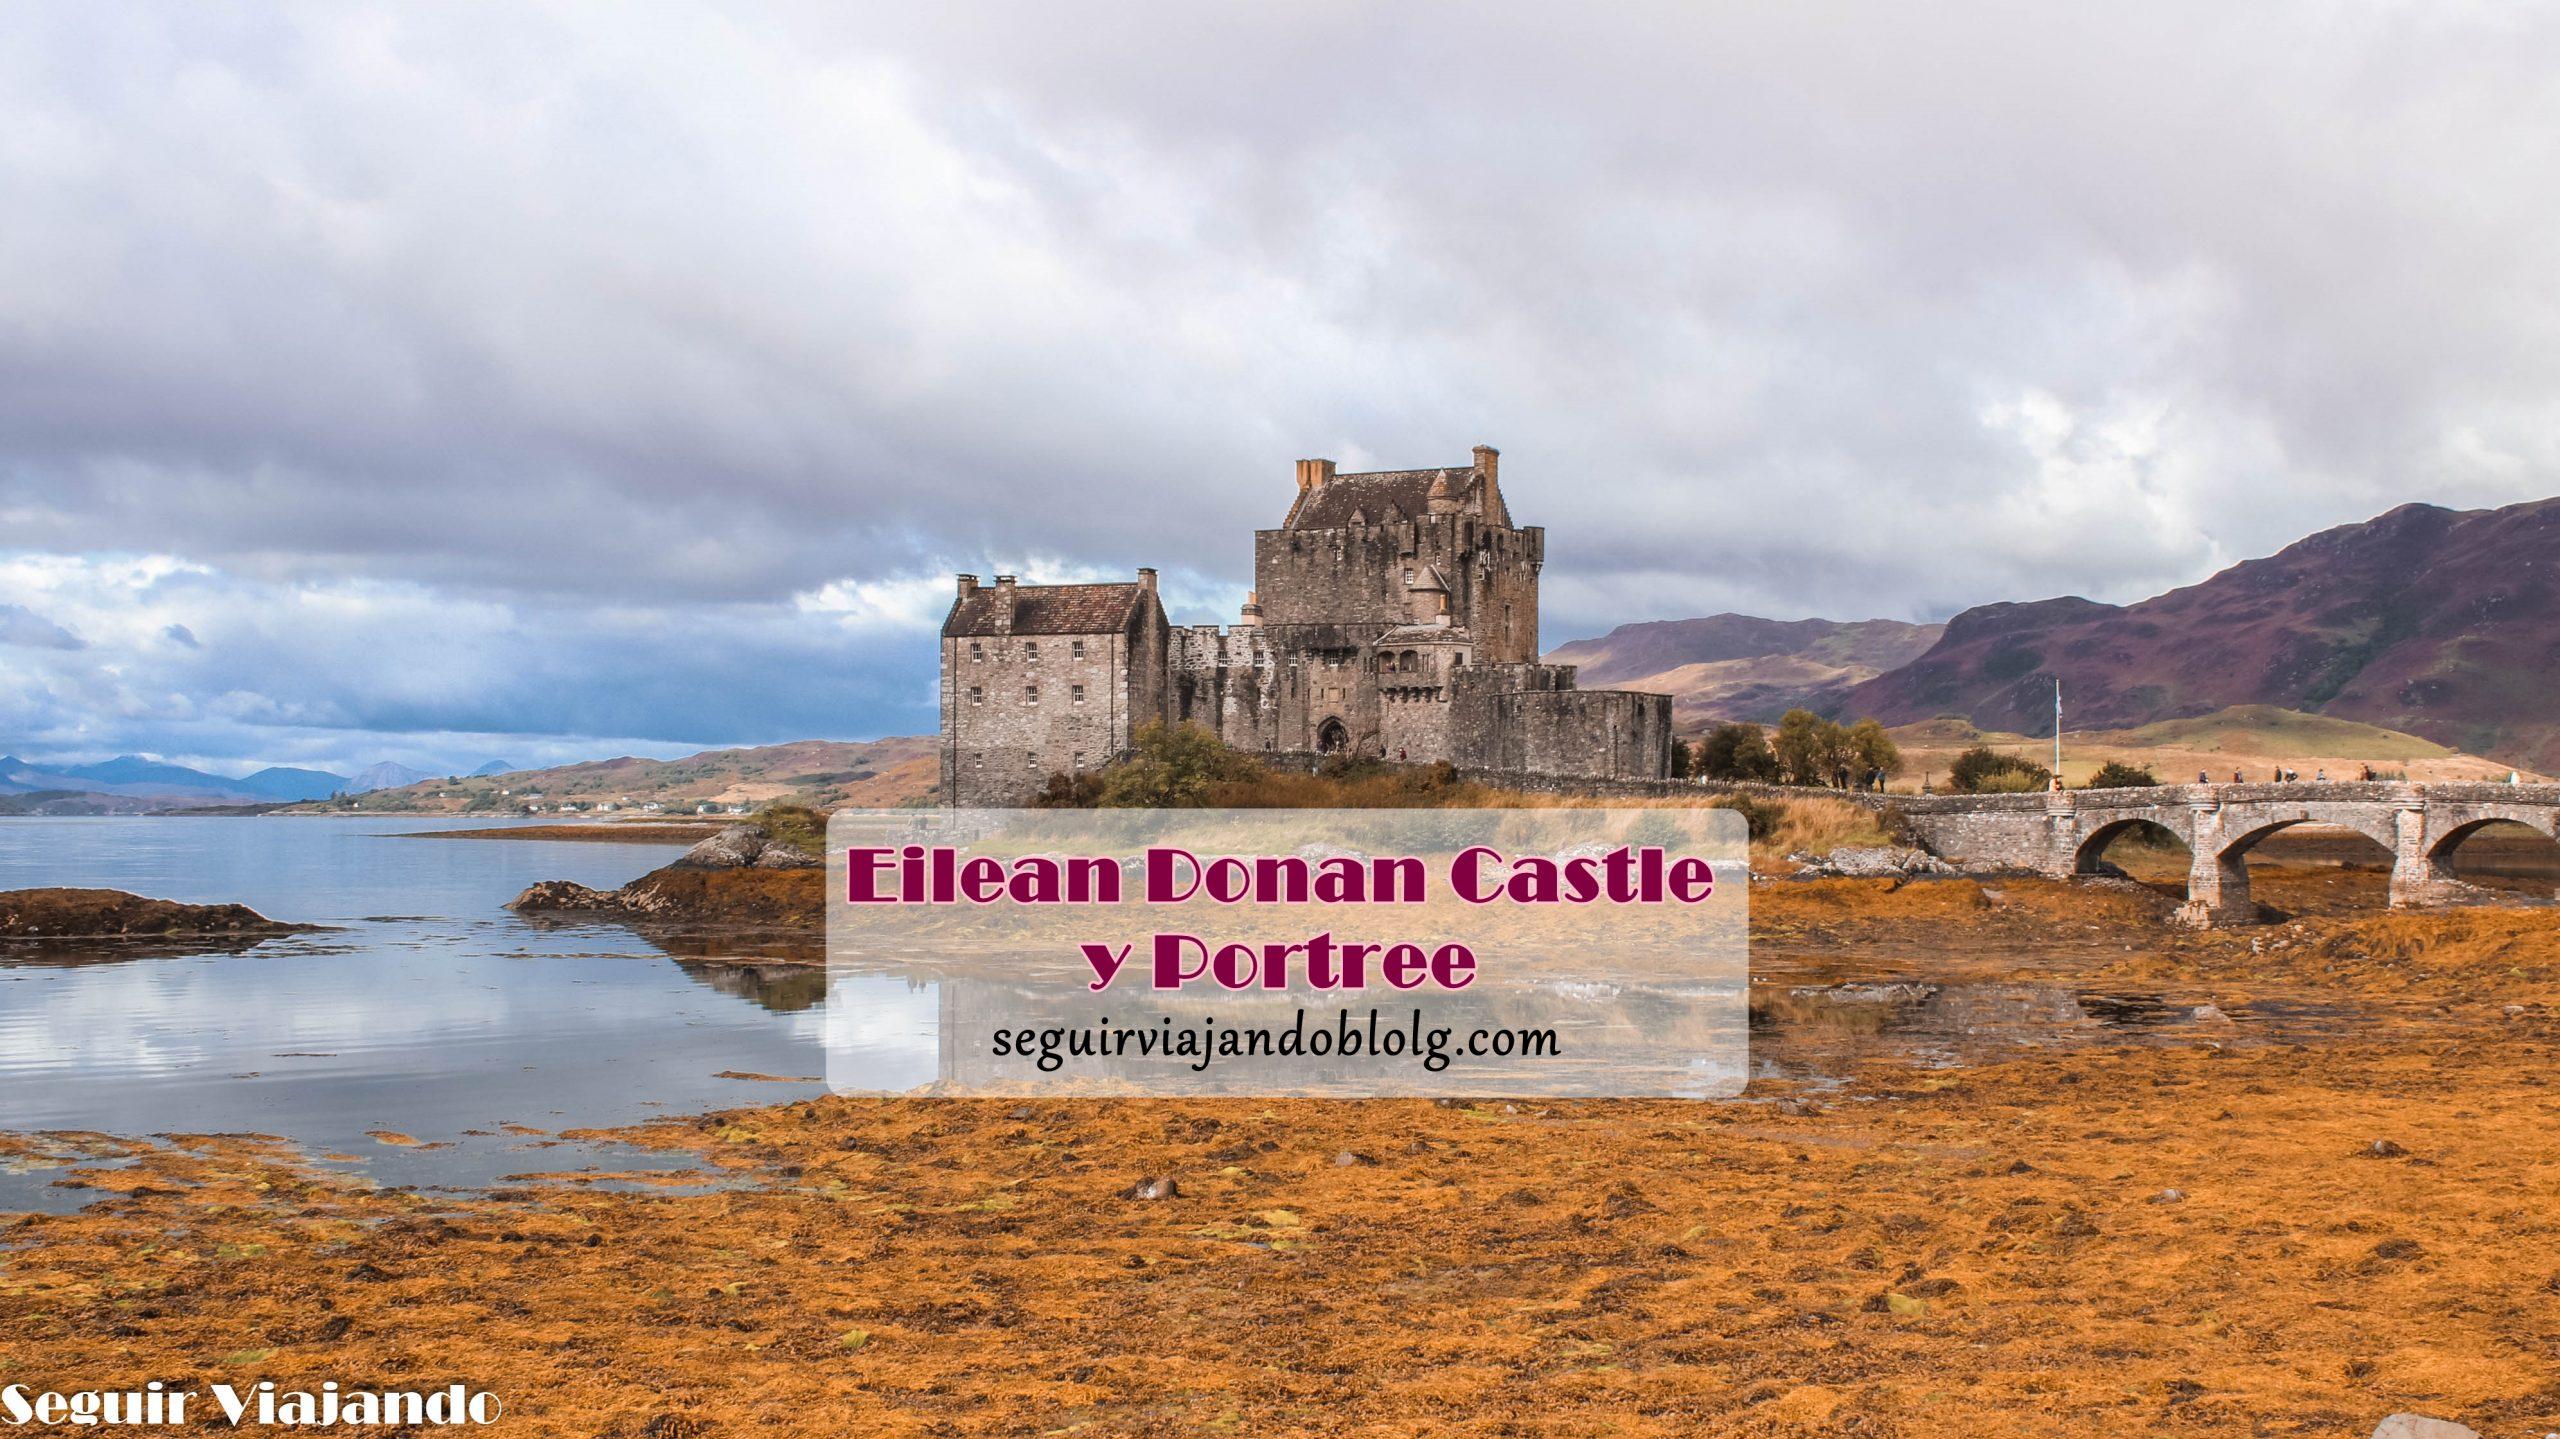 Eilean Donan Castle y qué ver en Portree - Seguir Viajando